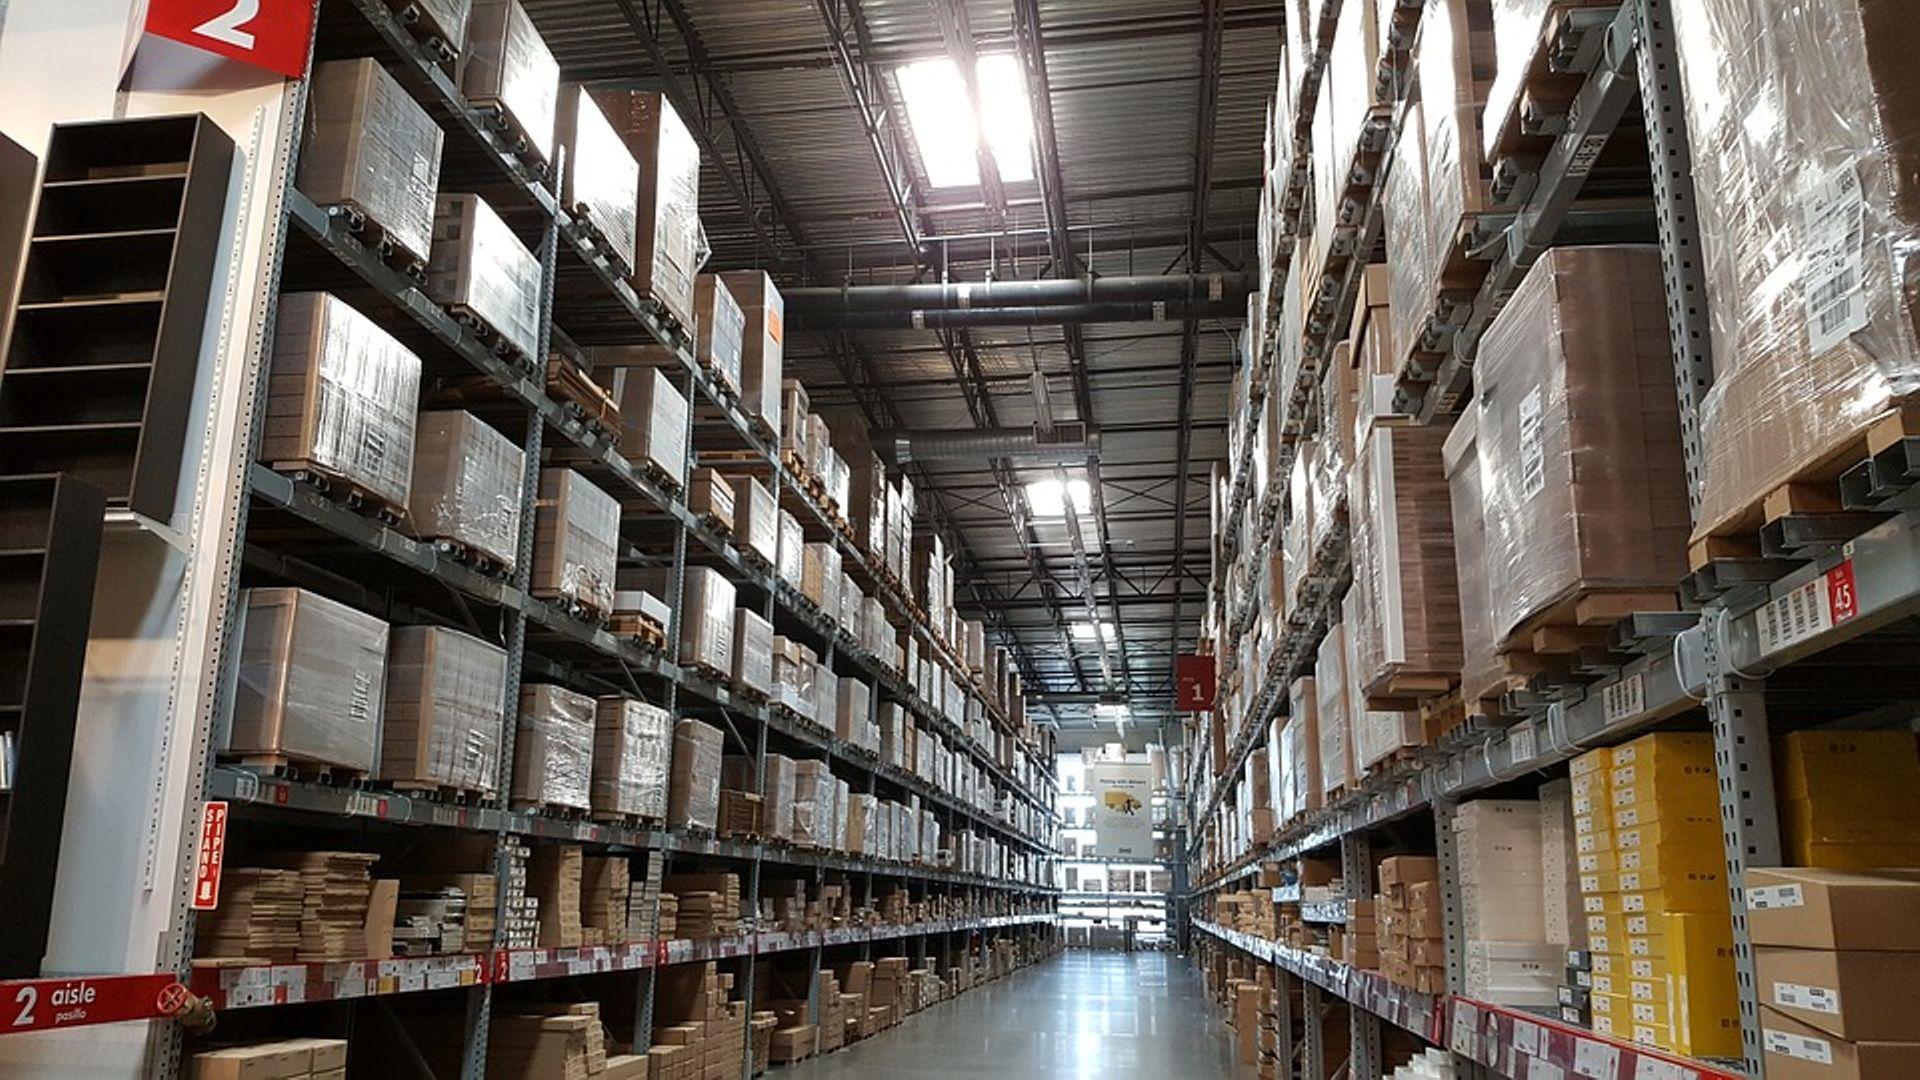 Szykuje się wielka inwestycja logistyczno-magazynowa za kilkaset mln zł w Jaworze